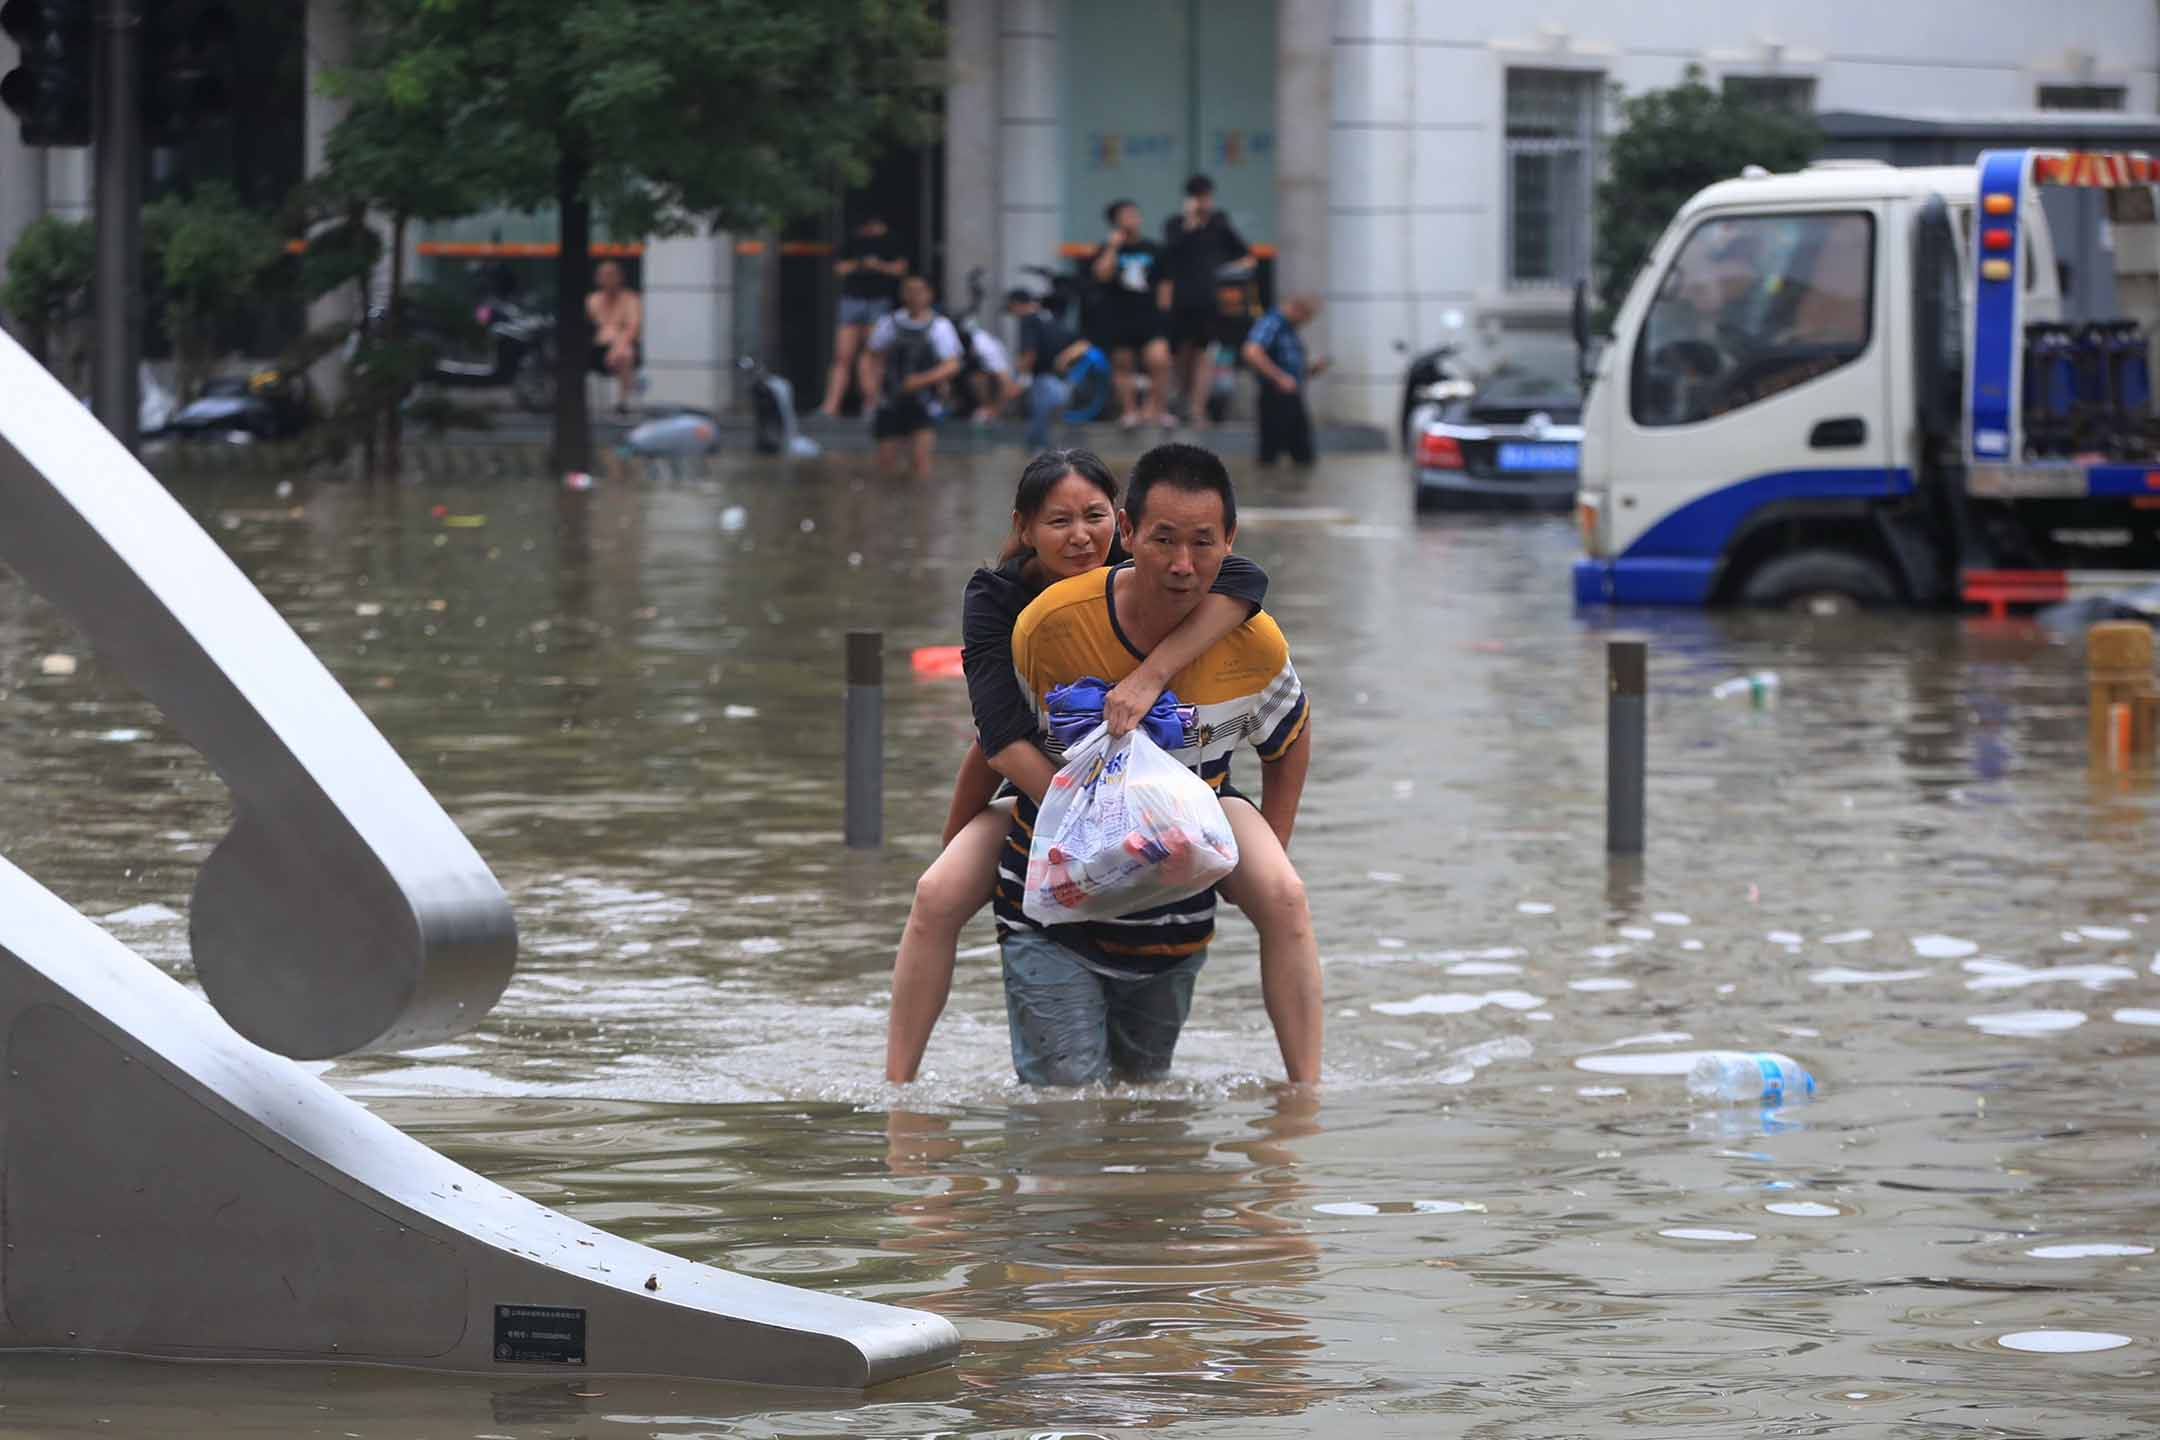 2021年7月20日中國鄭州,傾盆大雨後,一名男子在被洪水淹沒的道路上背著一名婦女。